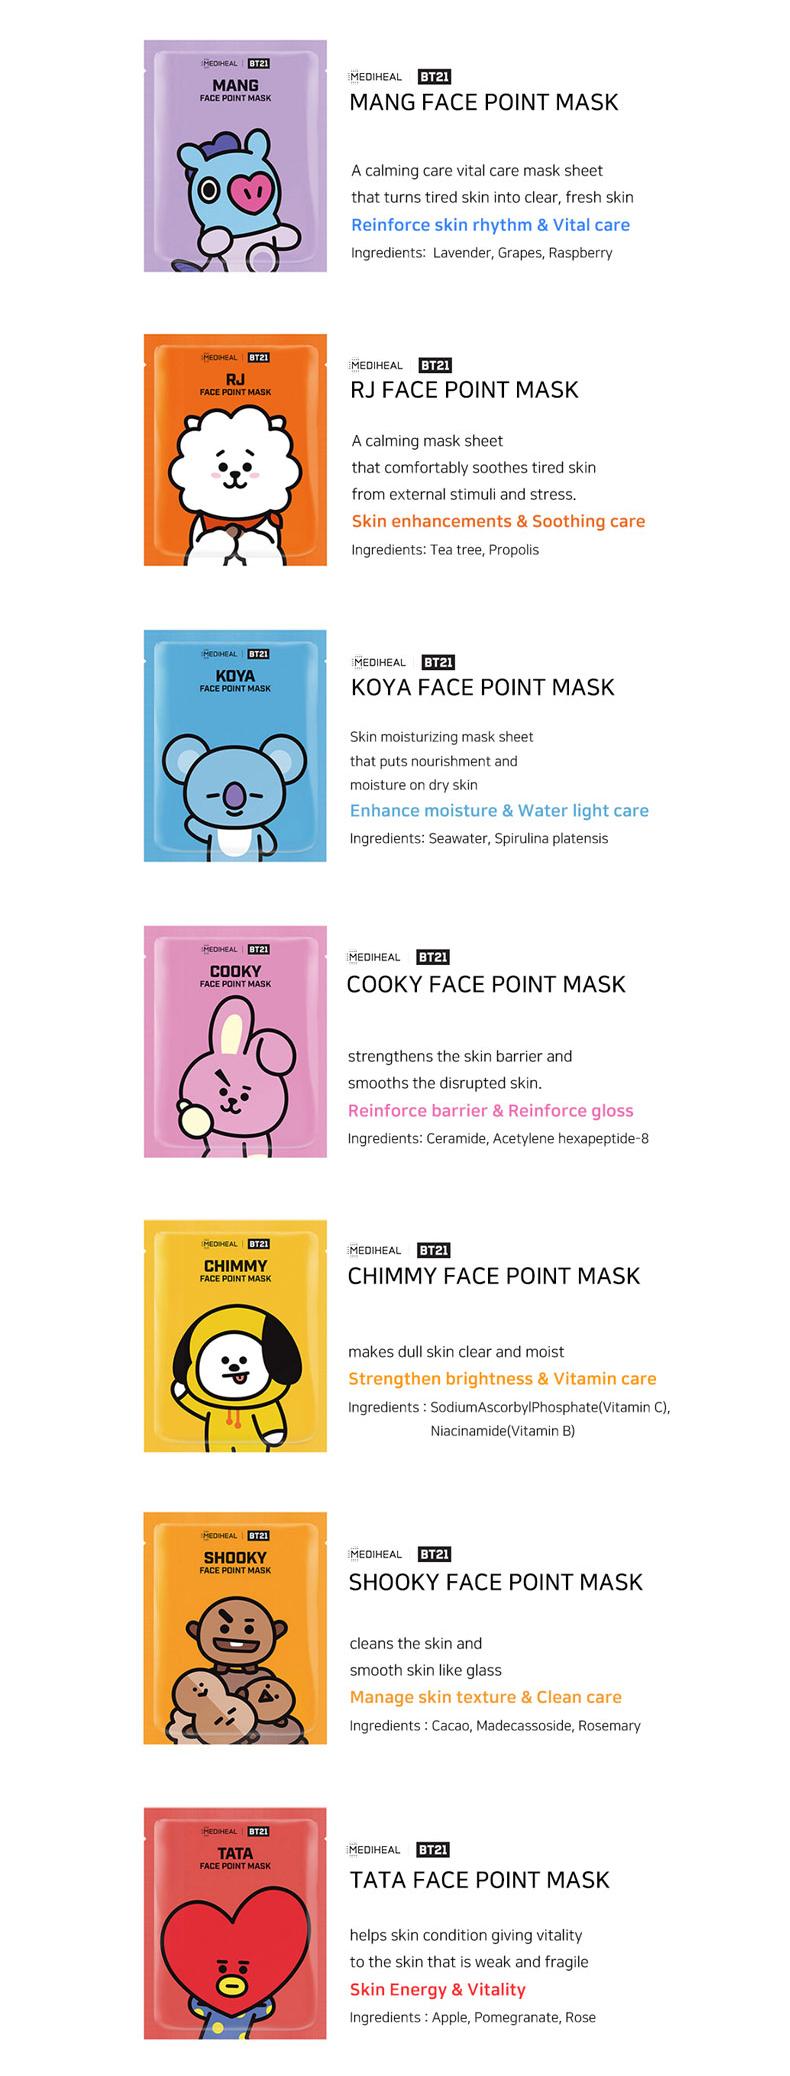 Mediheal BT21 Face Point Mask